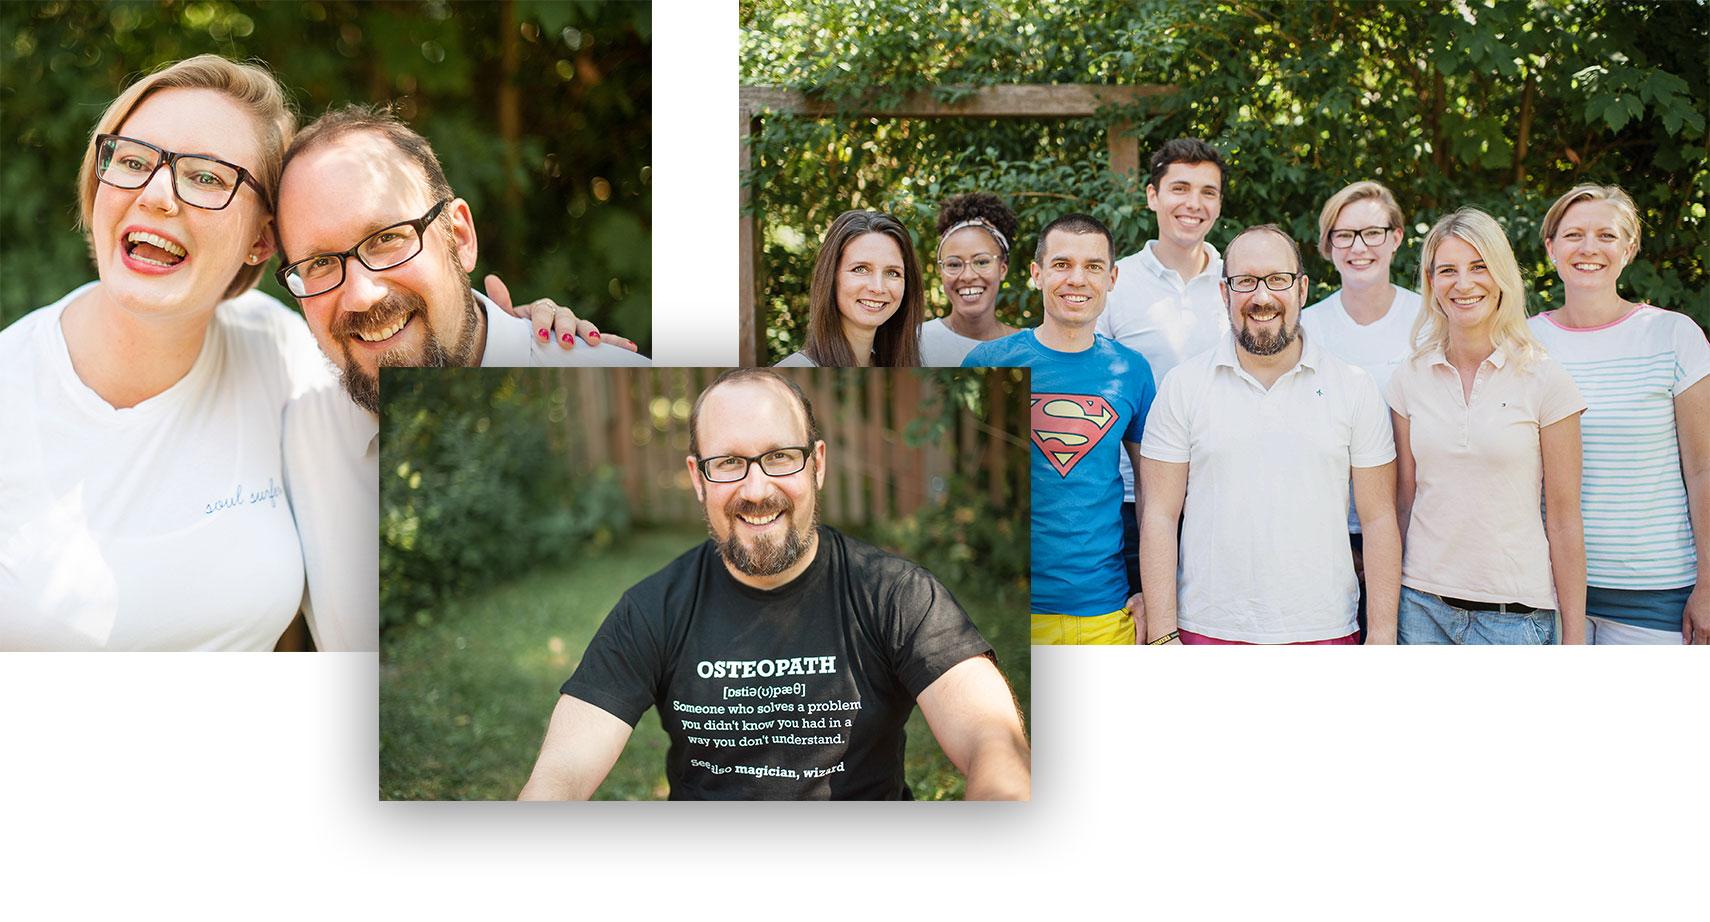 Unsere Experten in der hamburger Heil- & Chiropraxis Alexander Mallok